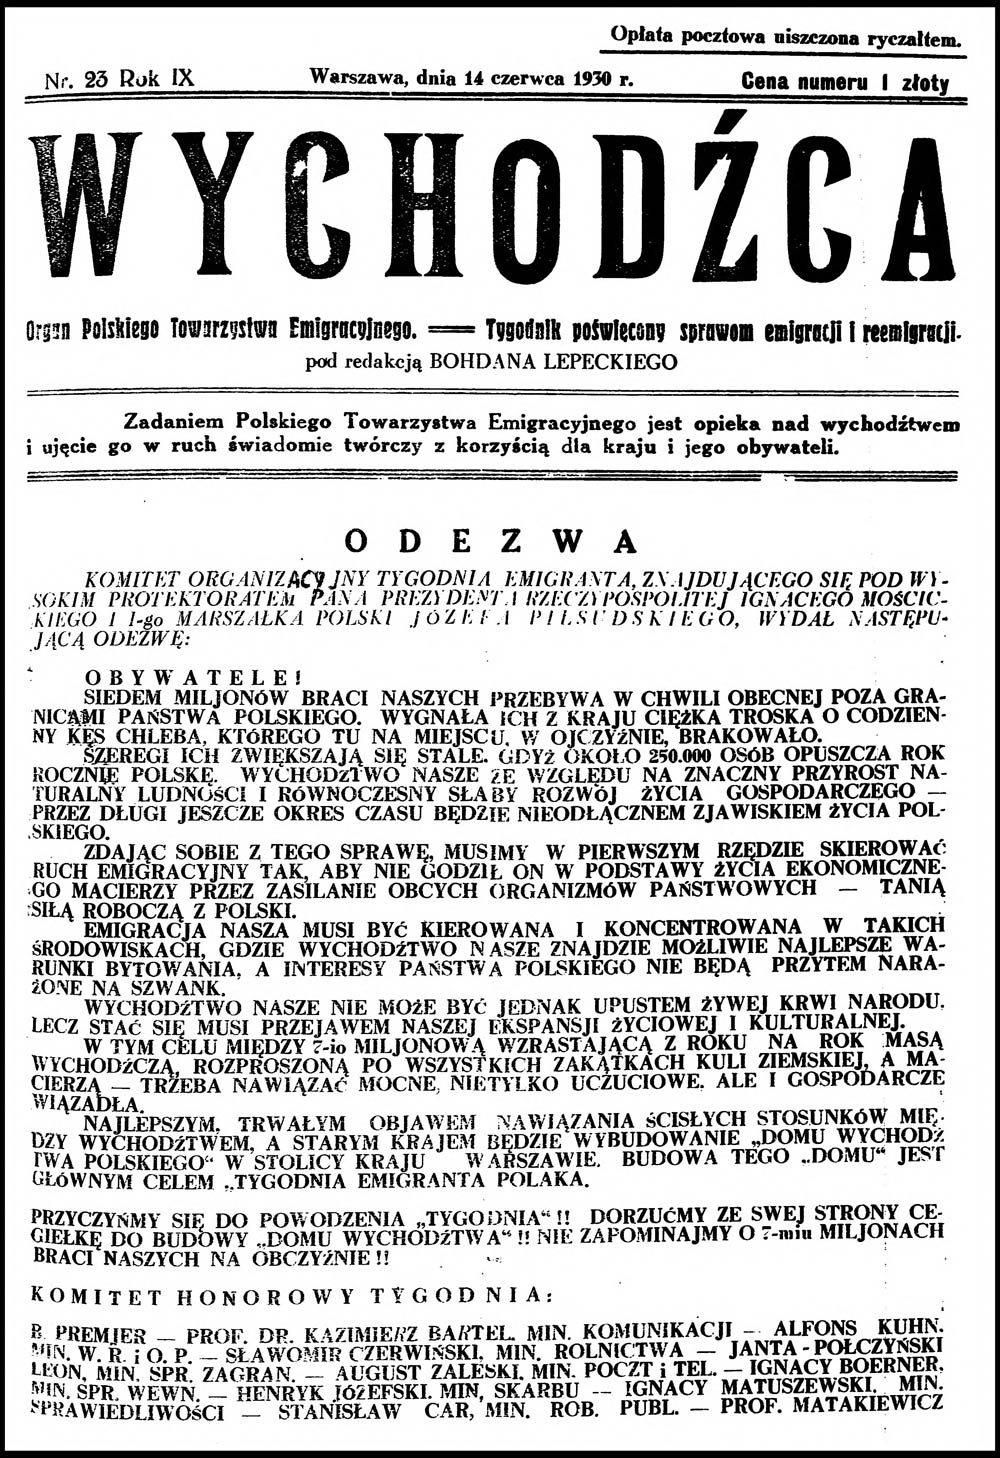 WYCHODŹCA. Organa Polskiego Towarzystwa Emigracyjnego == Tygodnik Poświęcony sprawom emigracji i reemigracji. - 1930, nr 23